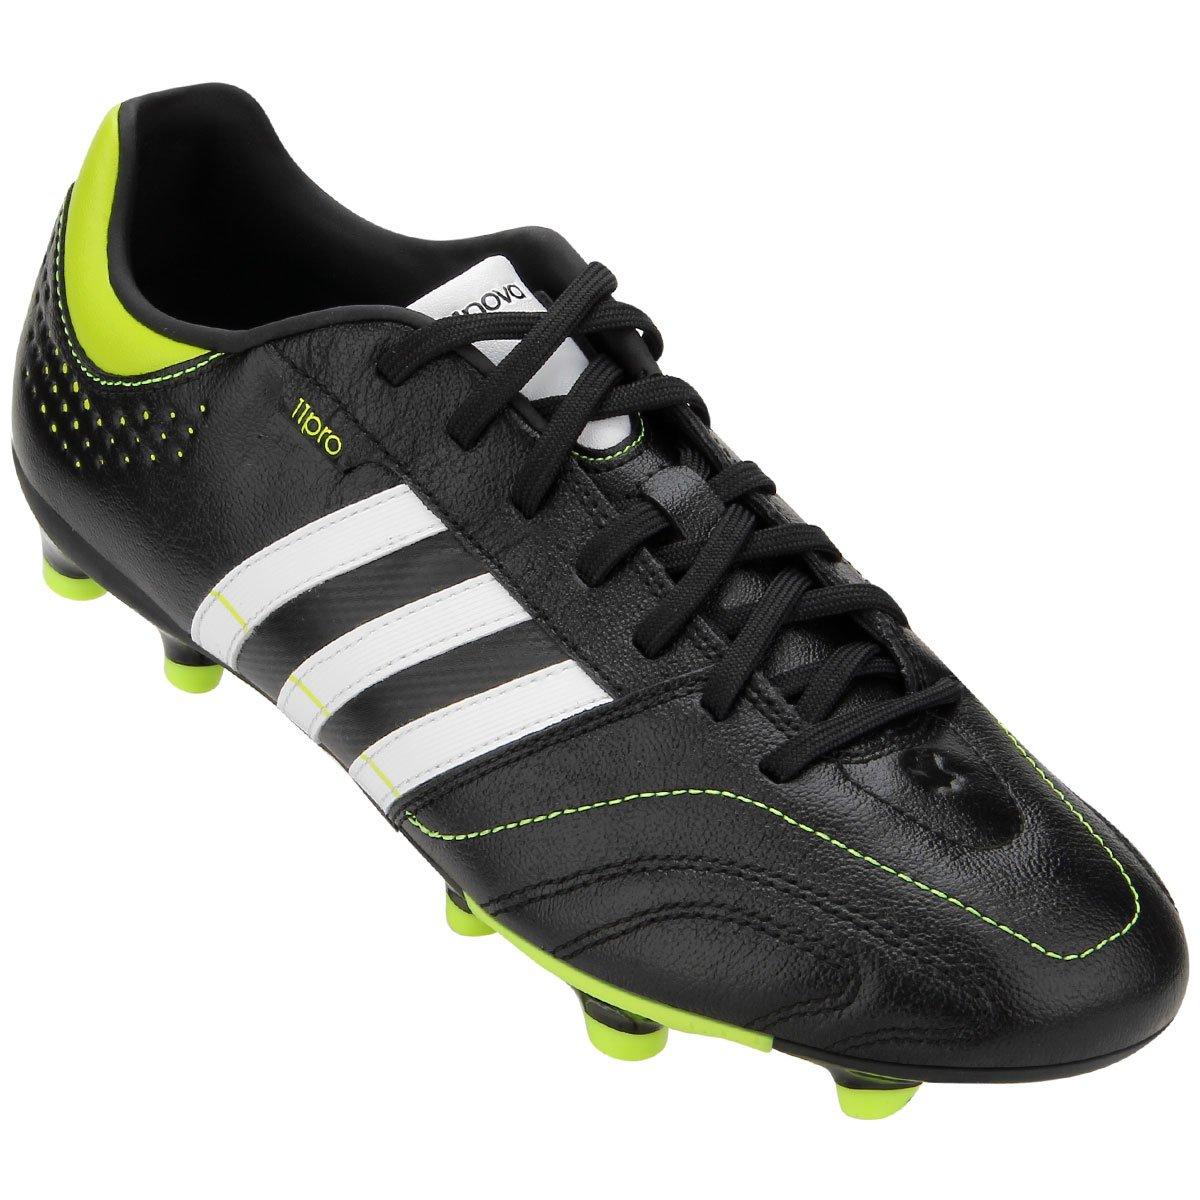 Chuteira Adidas 11 Pro Nova TRX FG - Compre Agora  3c1597339cf31